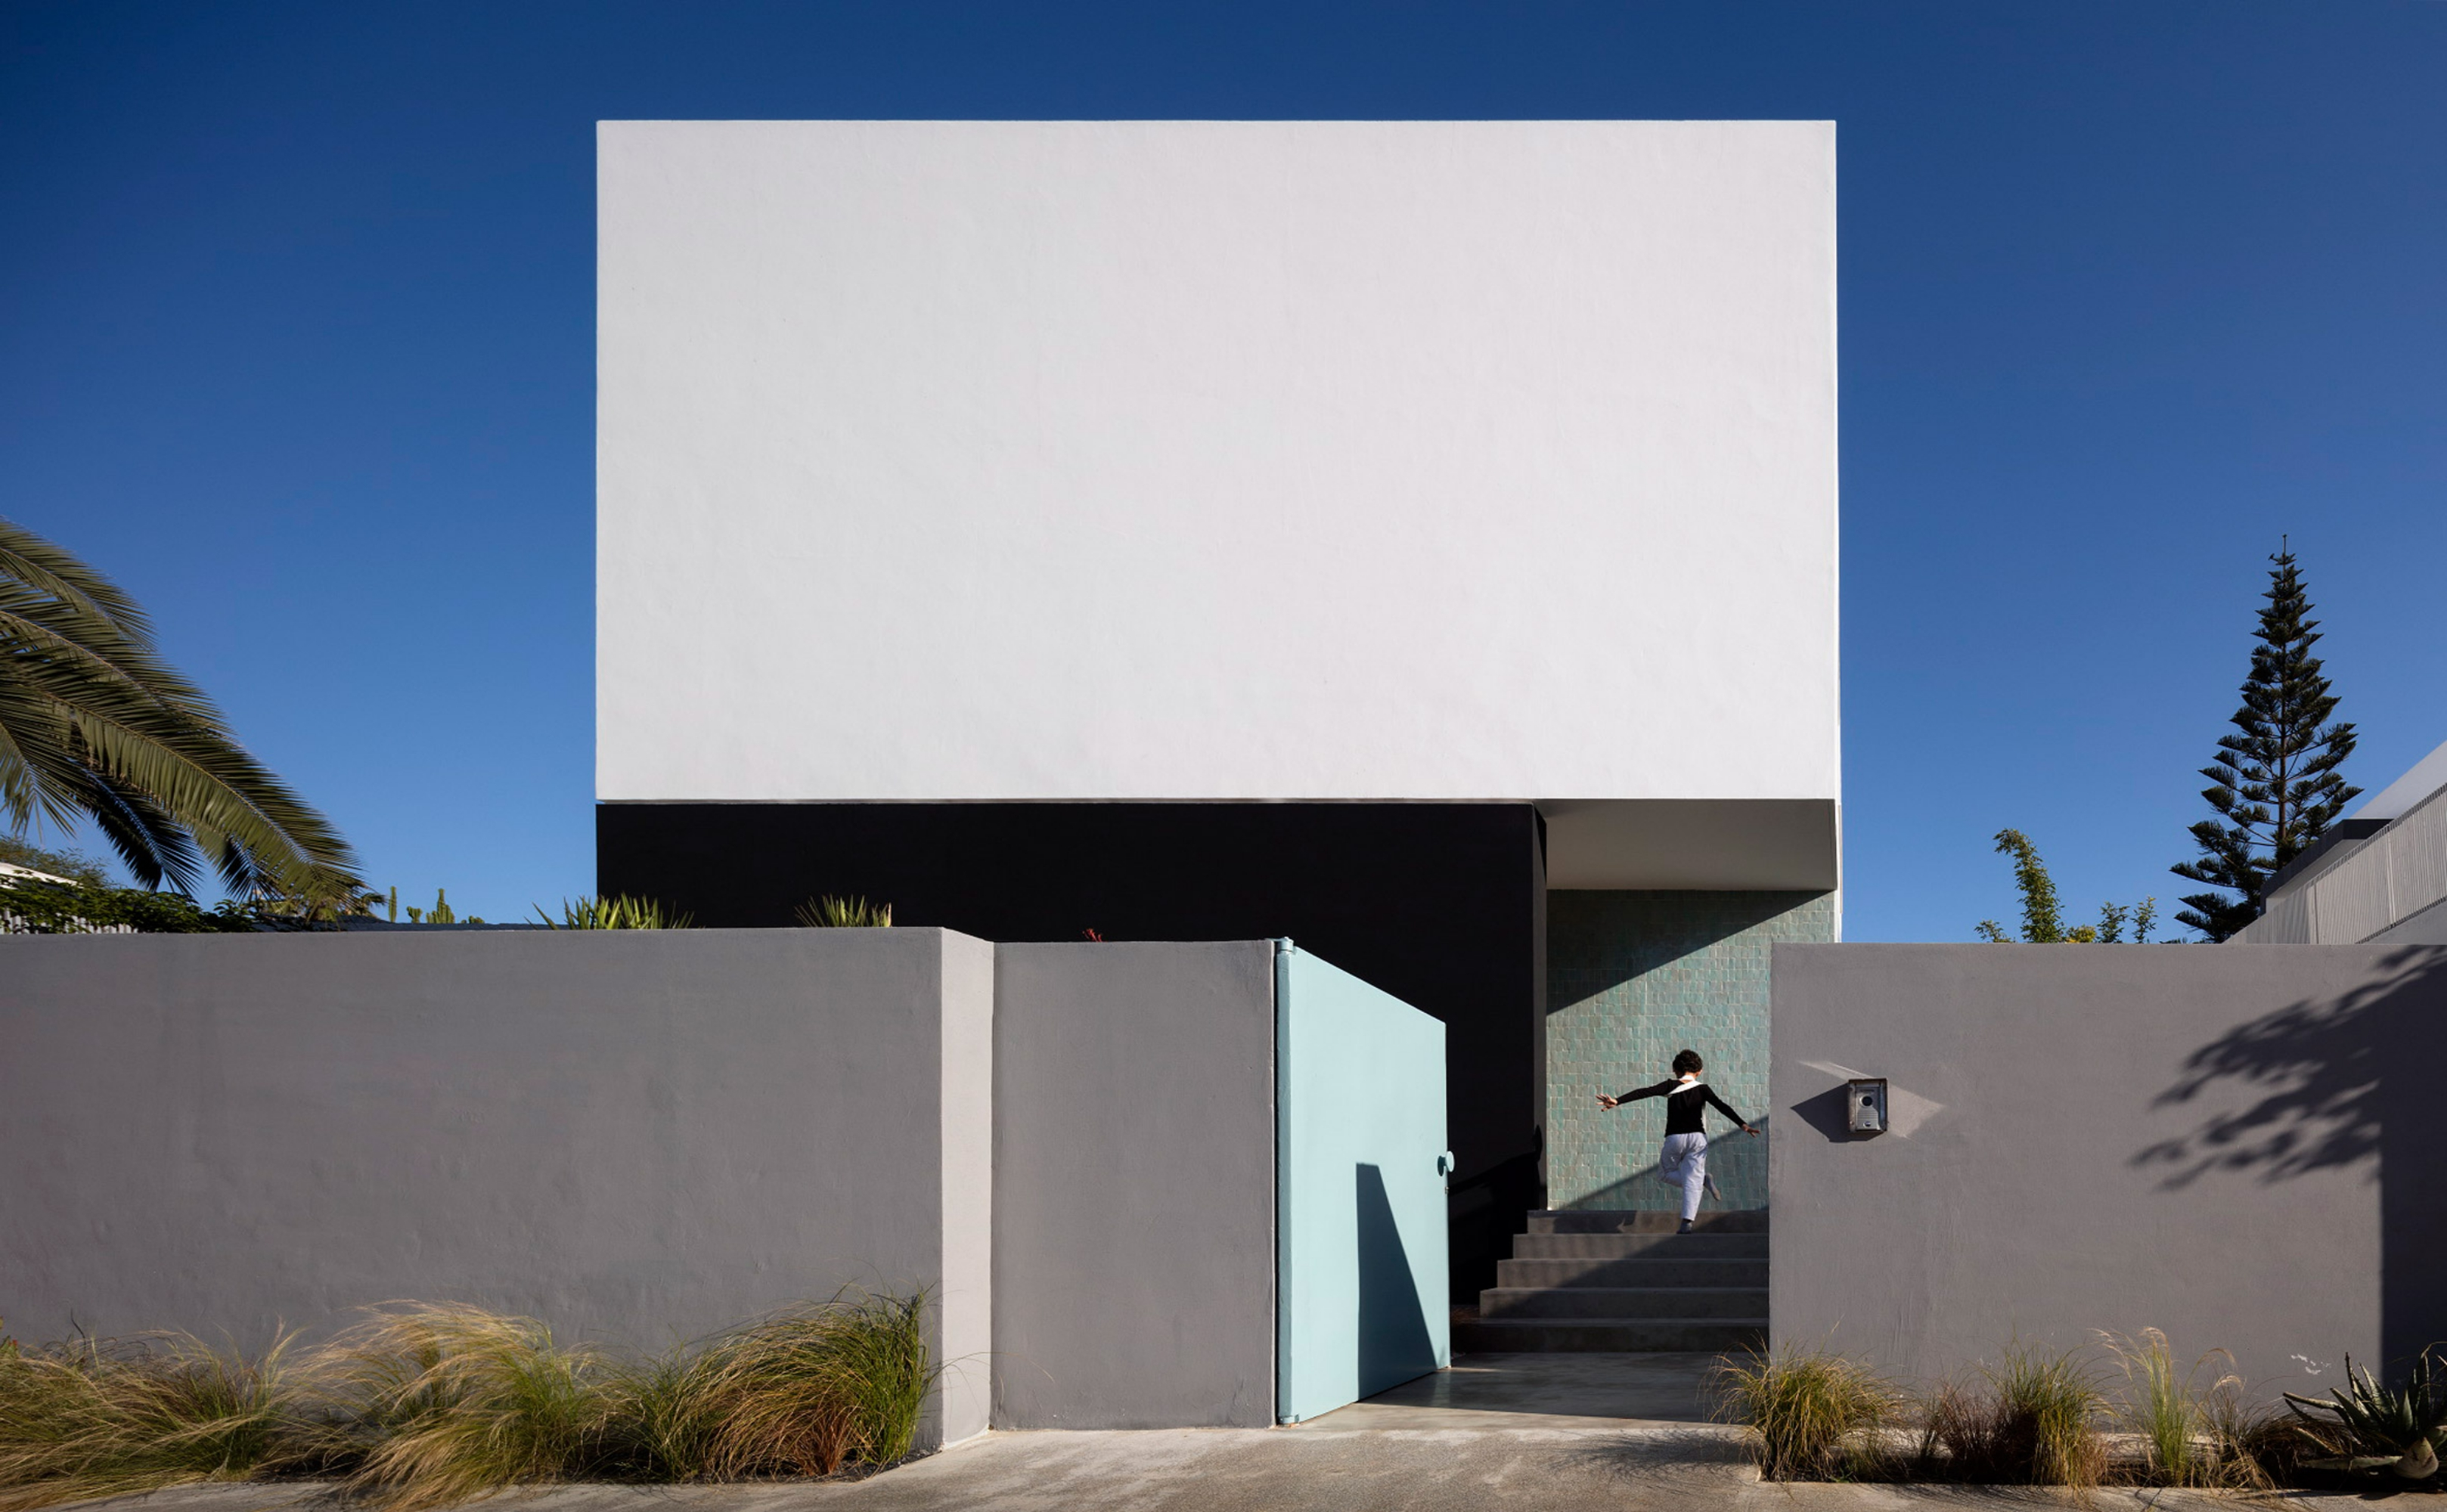 x-villa-agava-driss-kettani-architecture-residential-casablanca-morocco_dezeen_2364_col_0